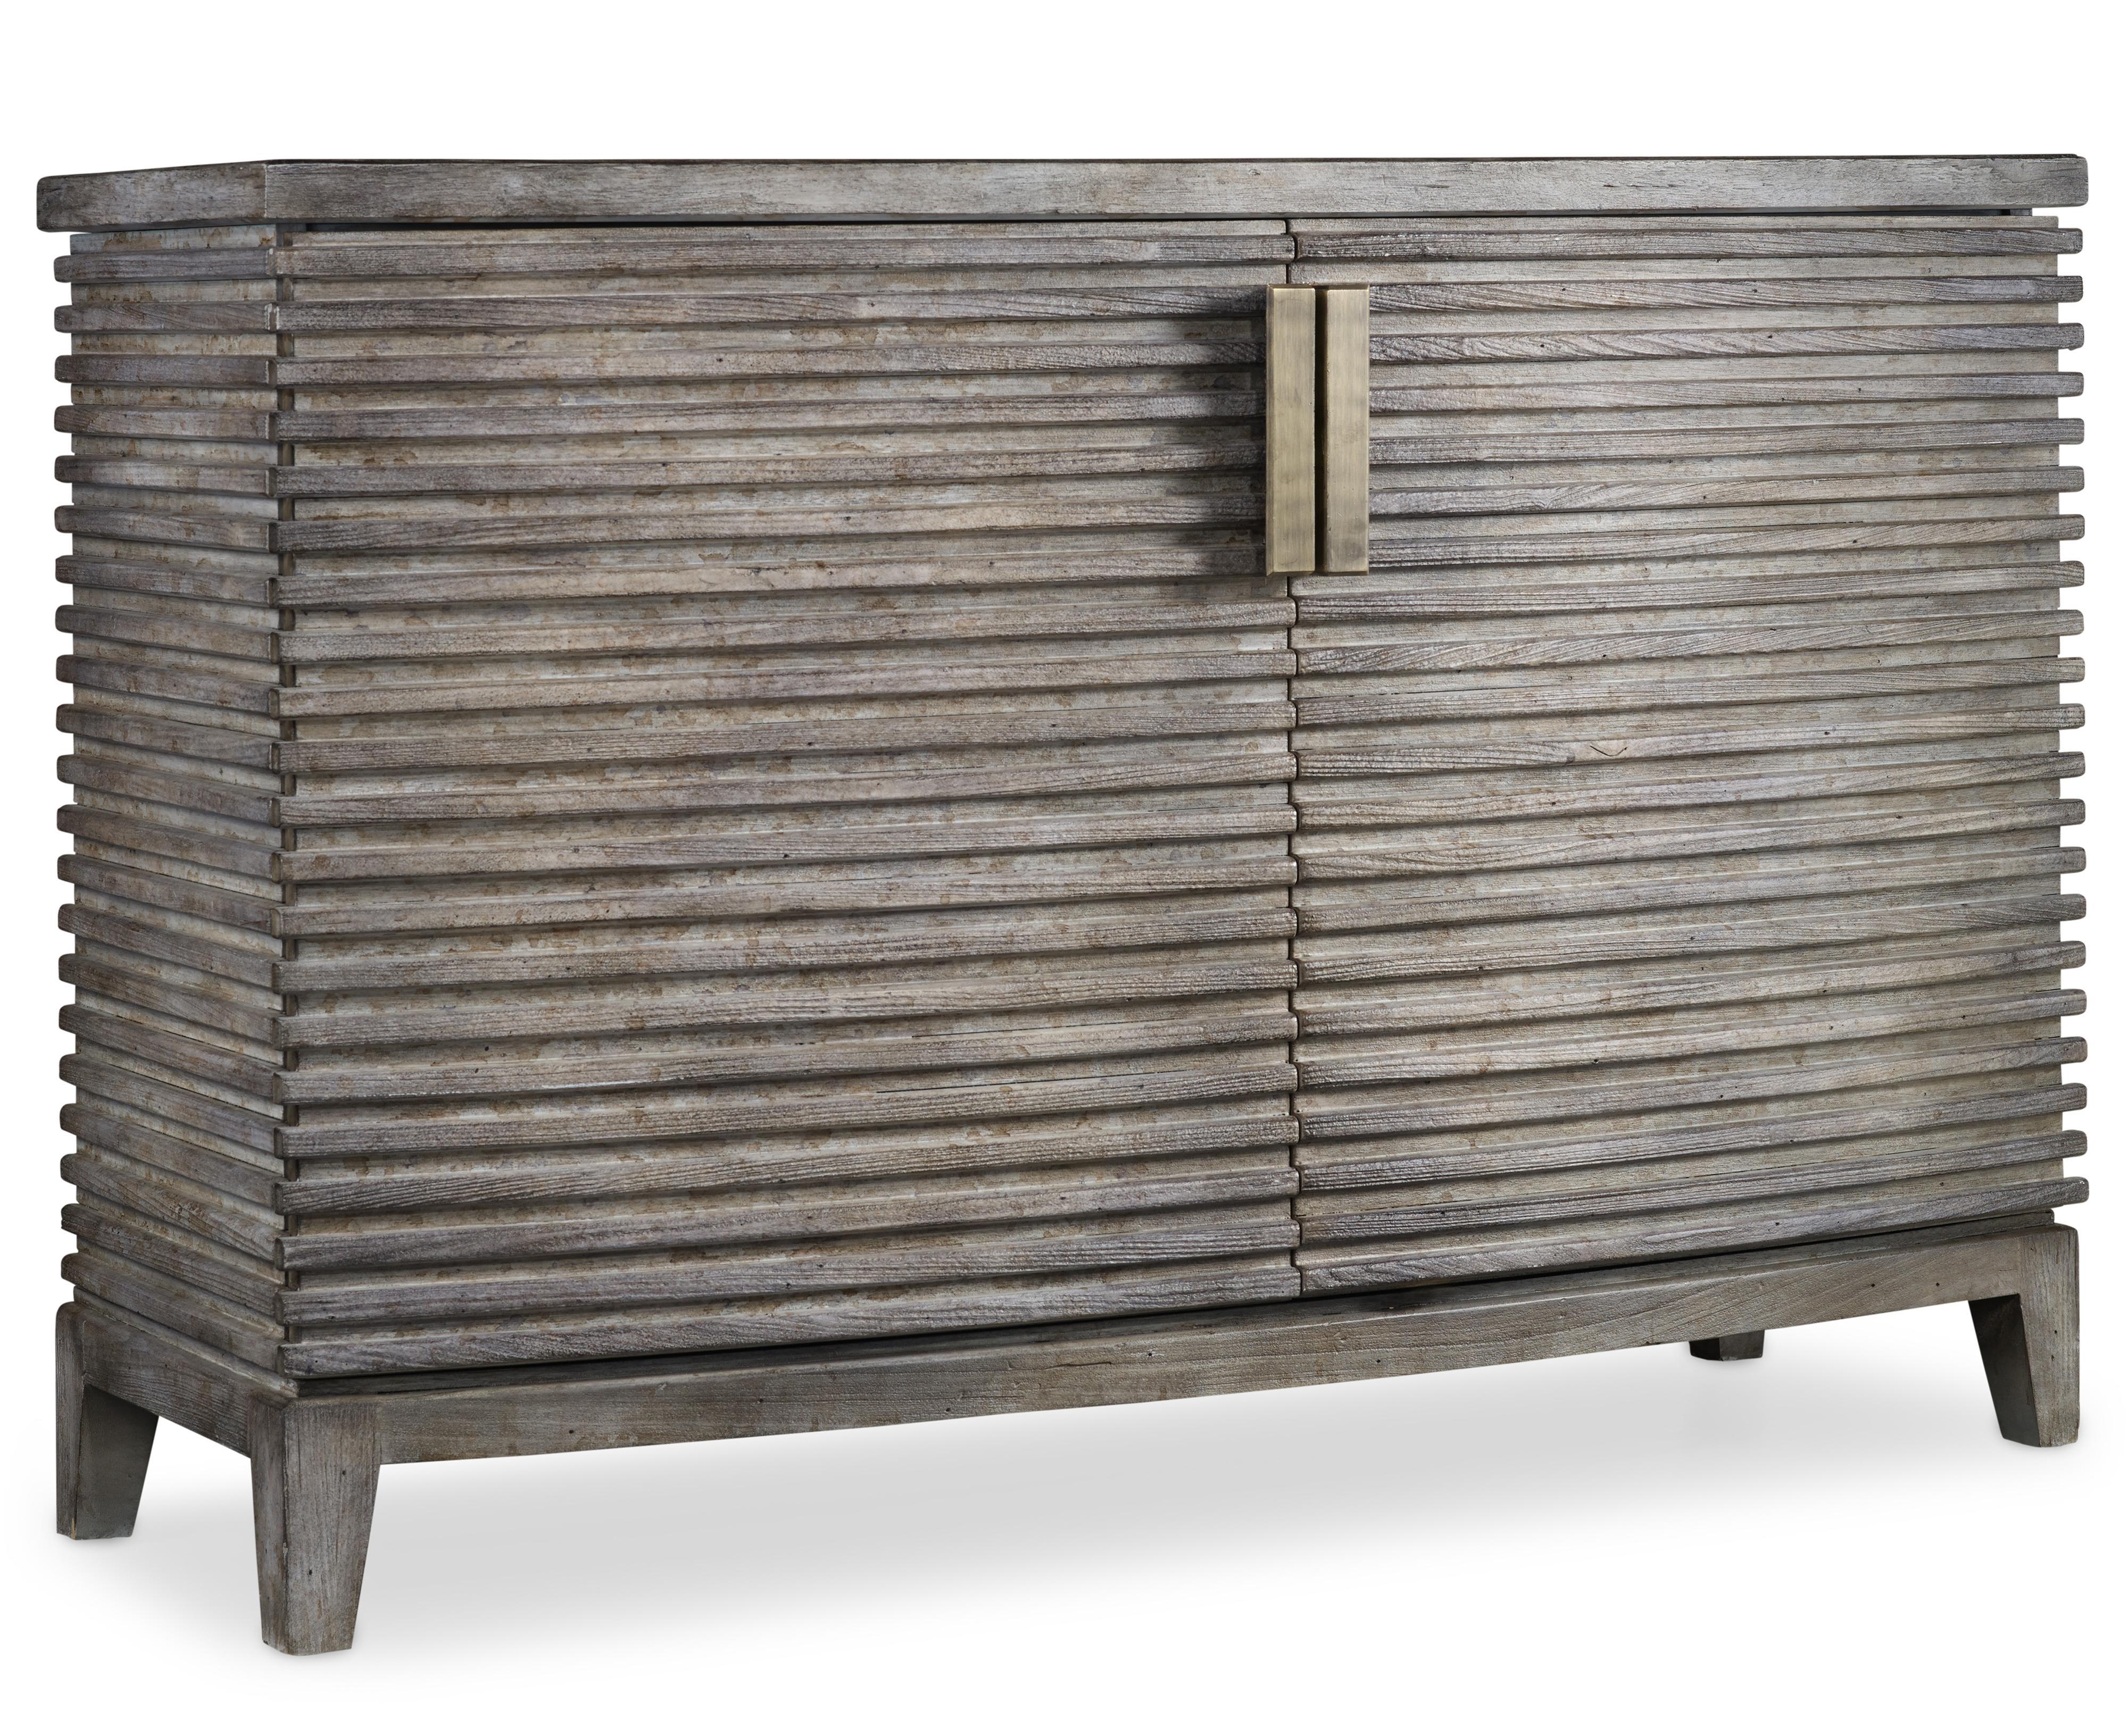 Hooker Furniture Mélange Delano Chest - Item Number: 638-85115